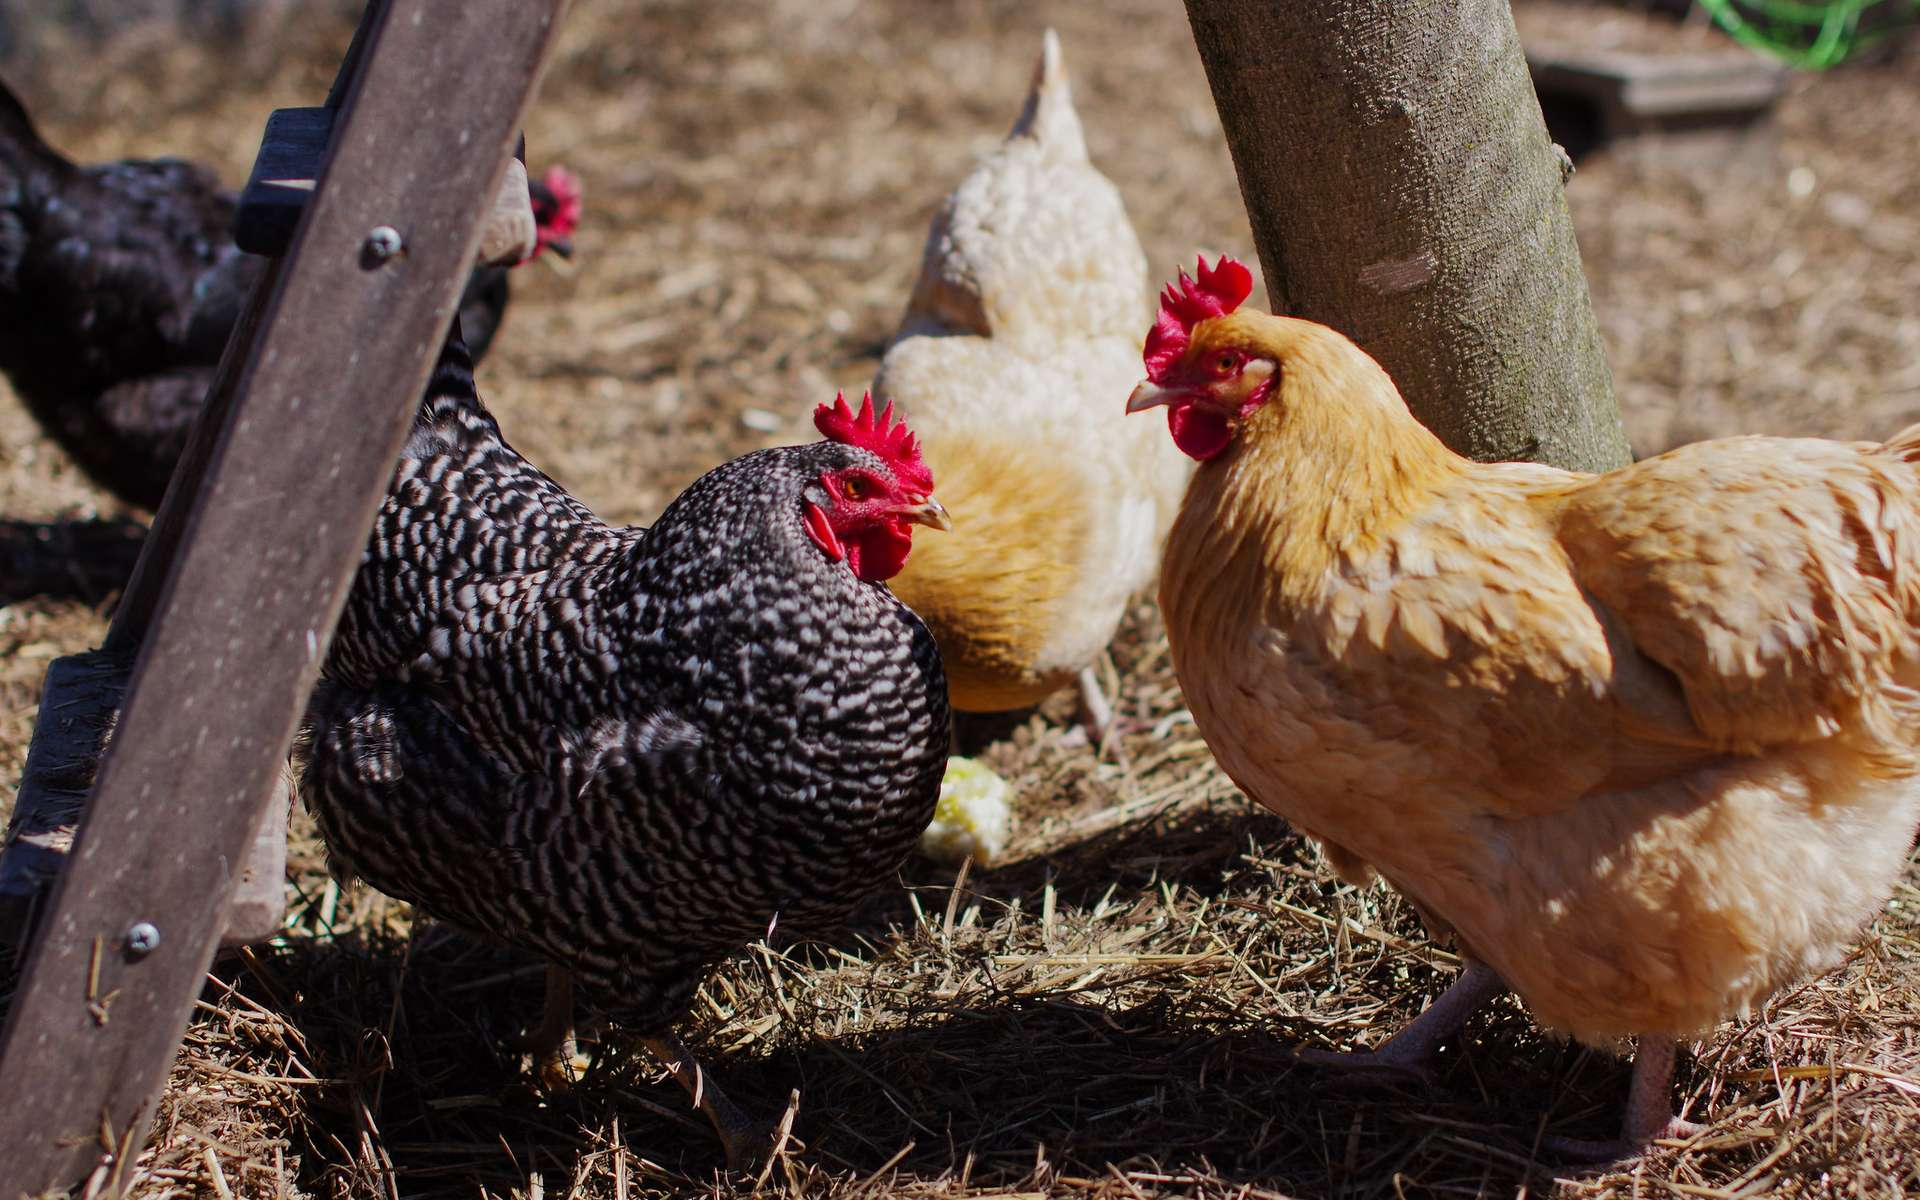 Nourriture, poulailler, races, longévité… Conseils pour bien élever ses poules. © pepperberryfarm, Flickr